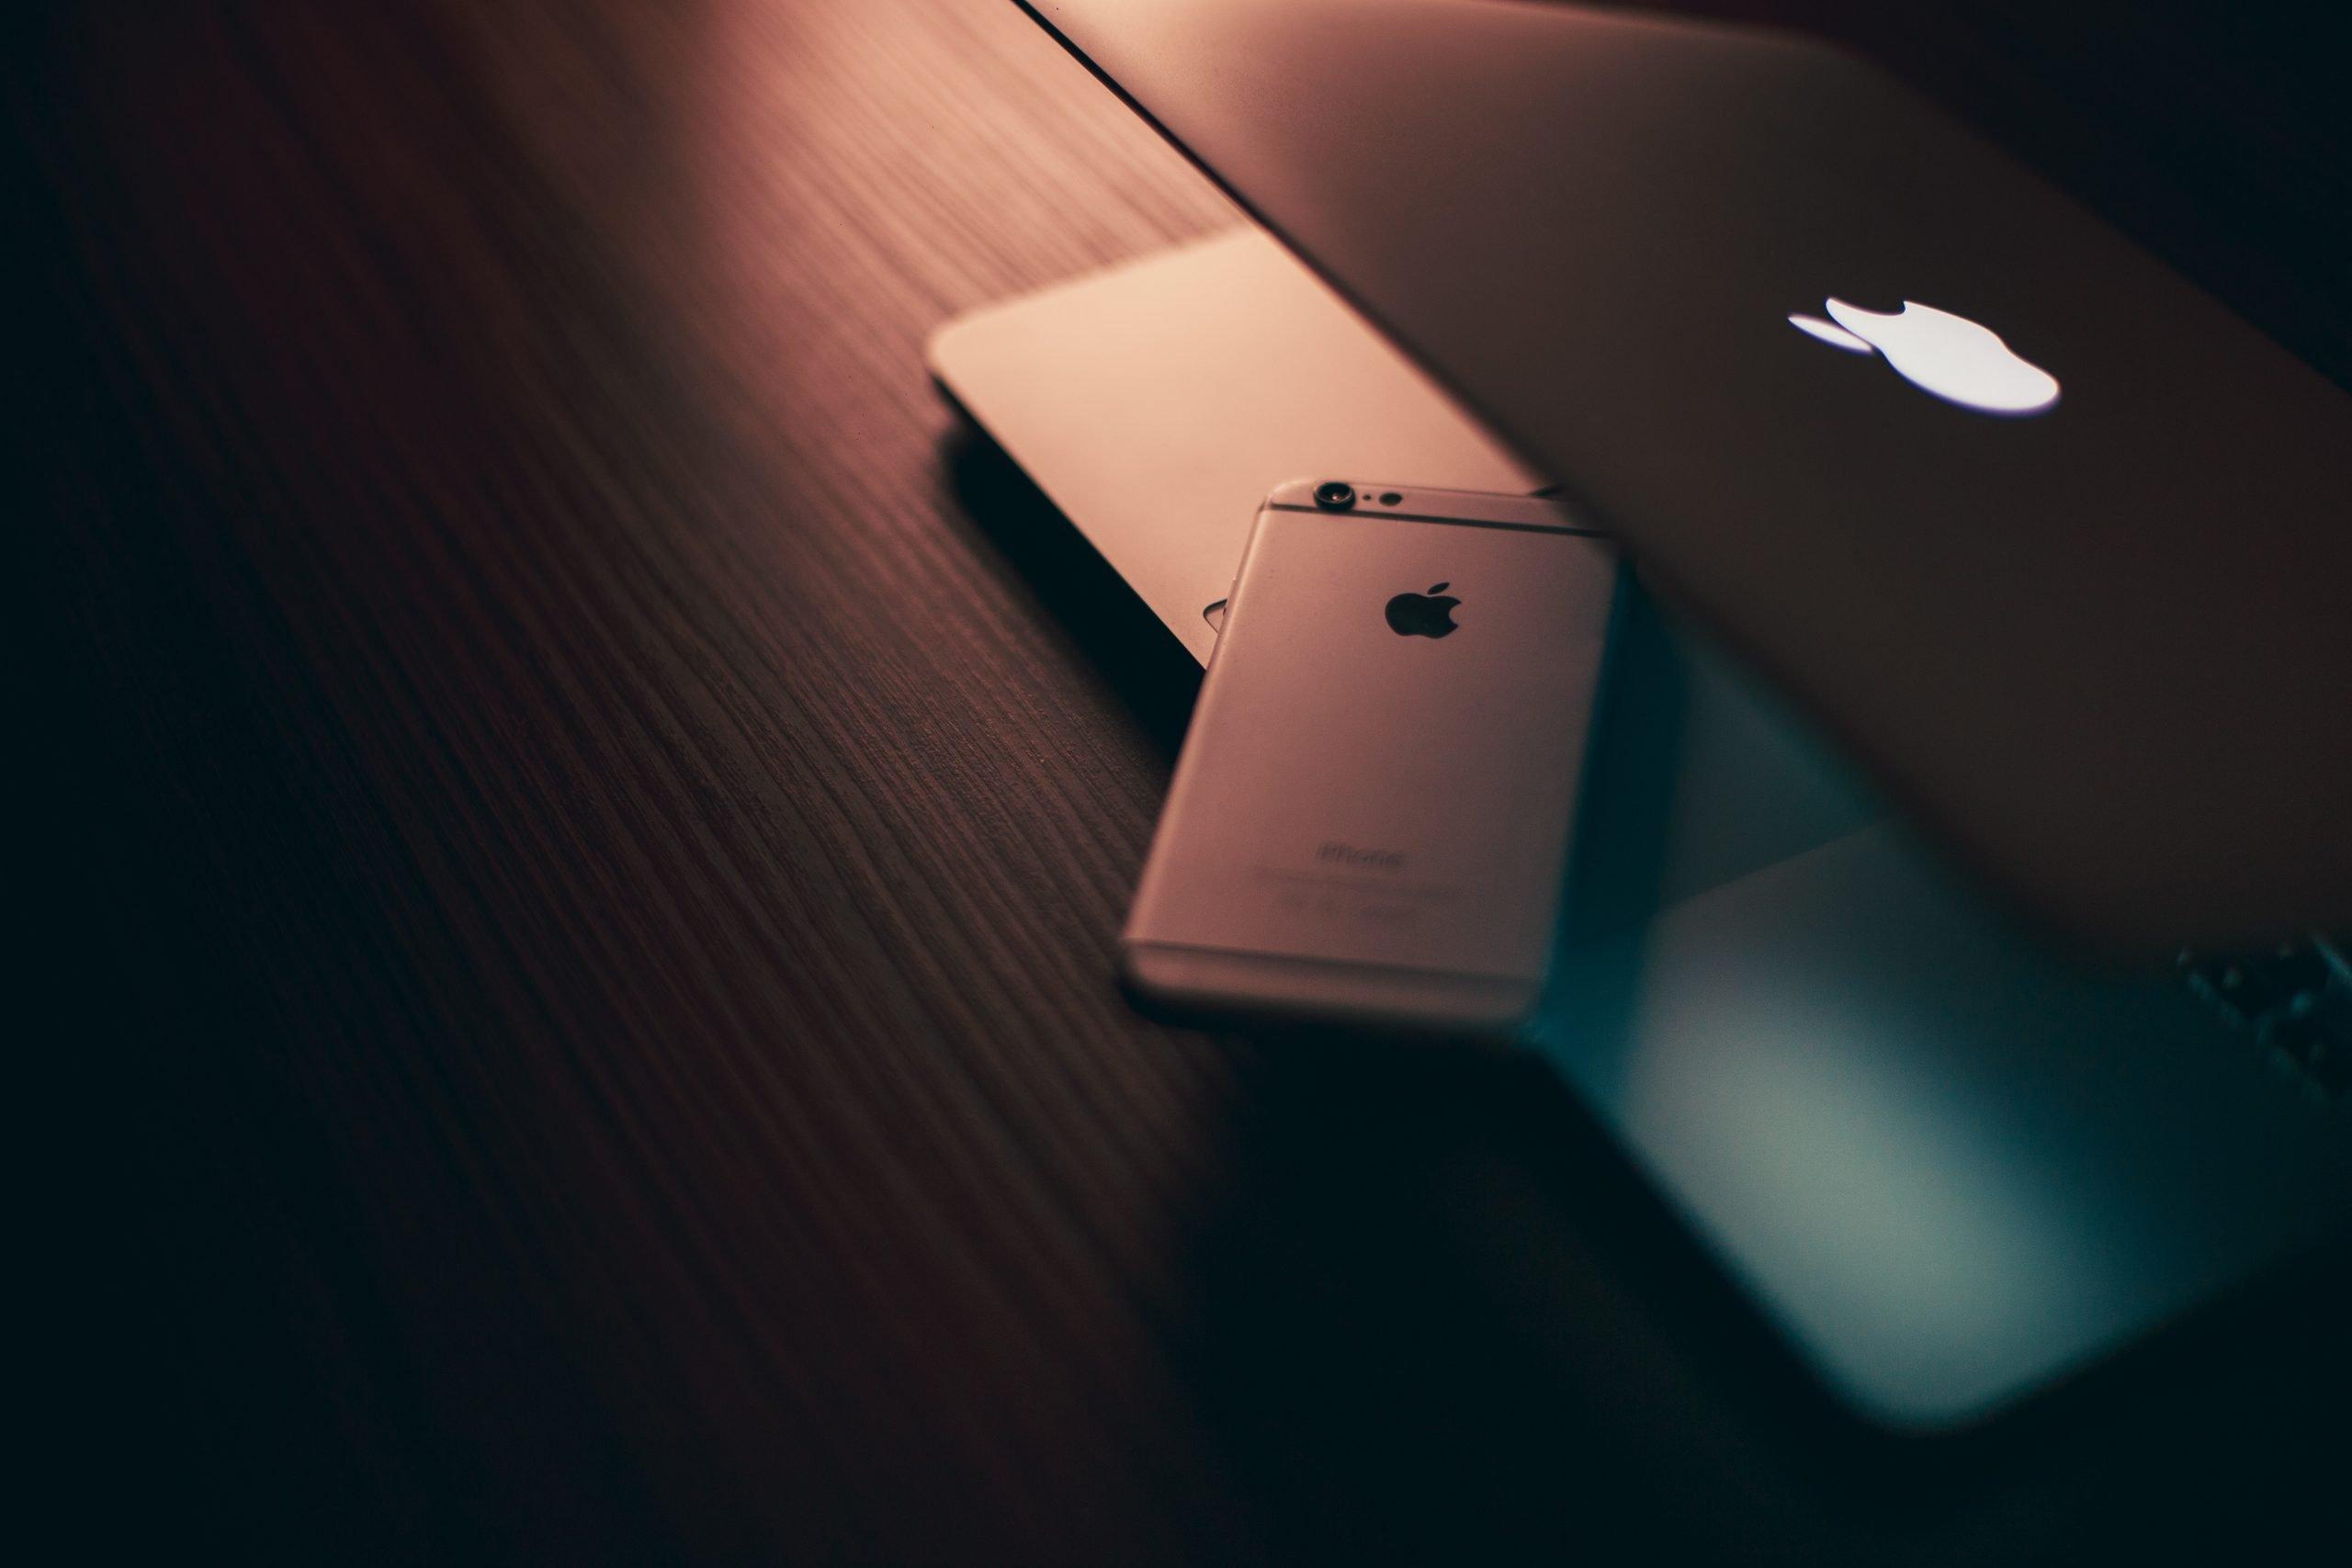 42% e adoleshentëve amerikanë tashmë posedojnë një iPhone, ndërsa 62% po mendojnë ta marrin atë